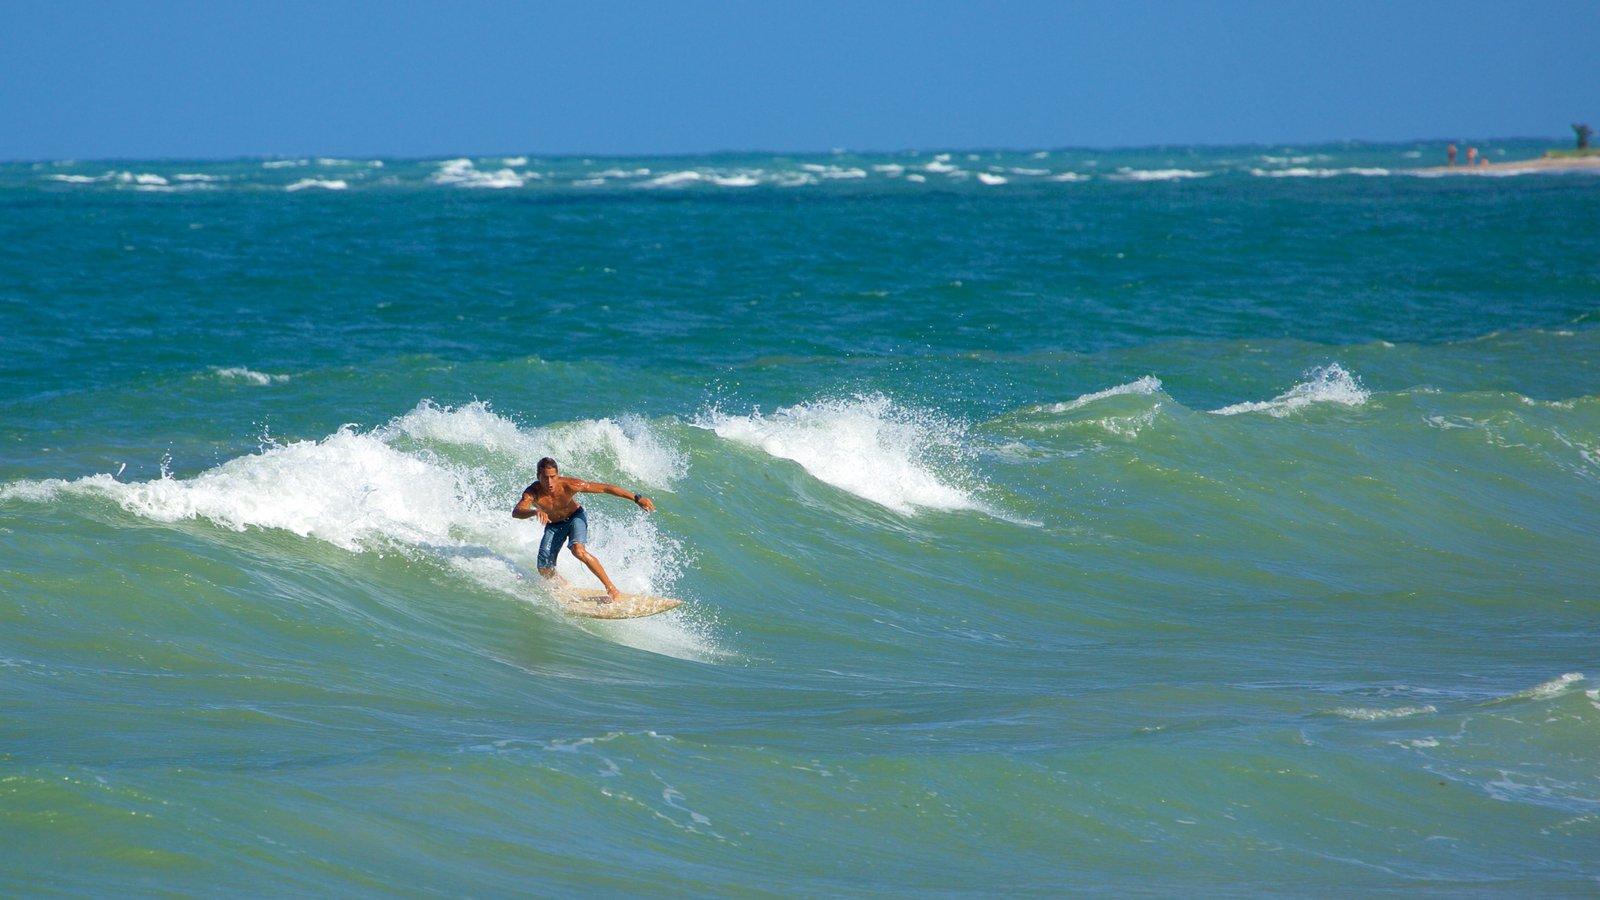 Praia de Maracaípe que inclui paisagens litorâneas, surfe e ondas